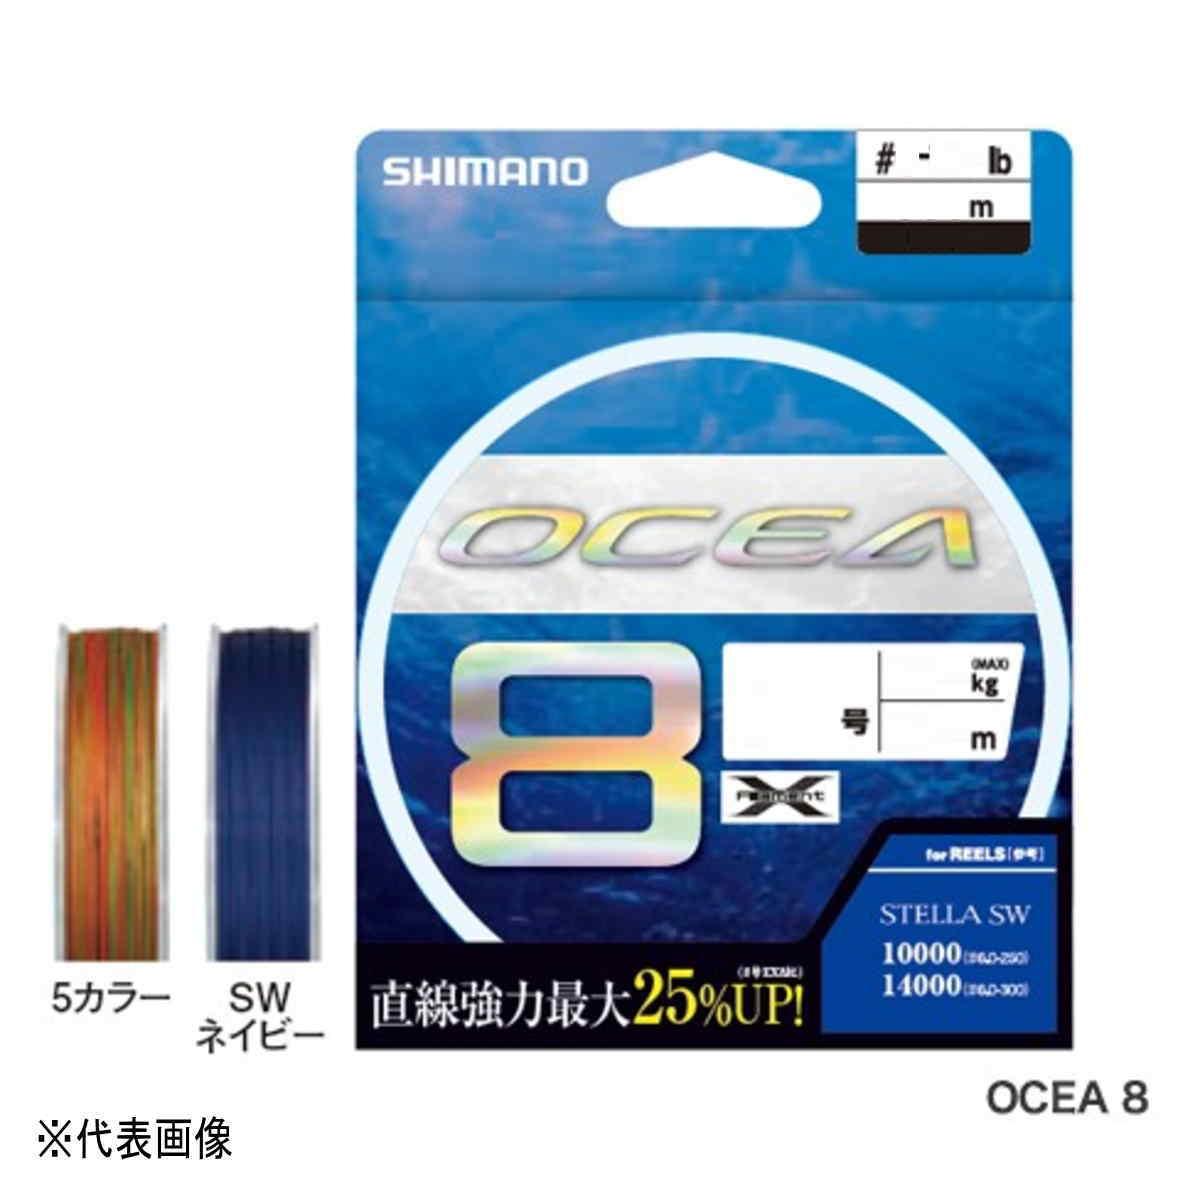 【送料無料4】シマノ PEライン オシア8 LD-A91S 500m 5.0号 5カラー